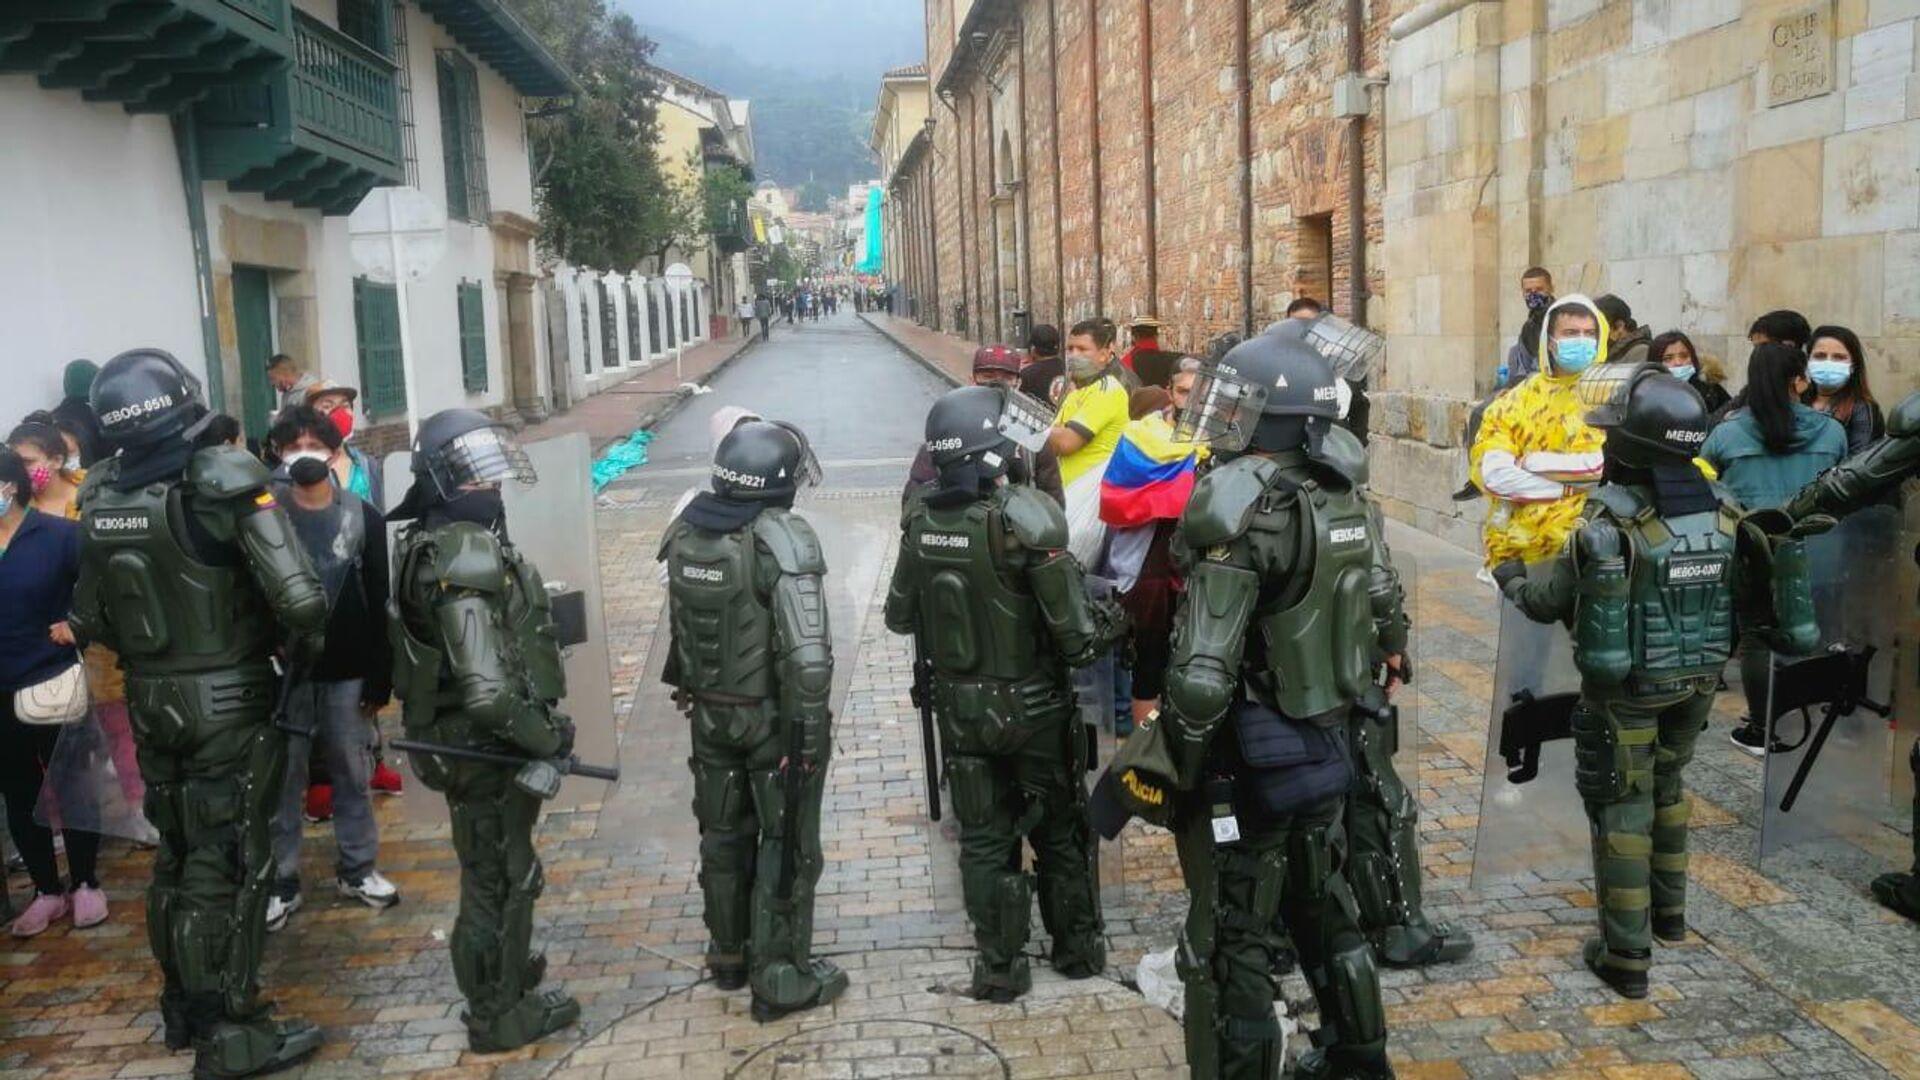 La Policía colombiana se desplegó en la jornada de protestas - Sputnik Mundo, 1920, 01.10.2021